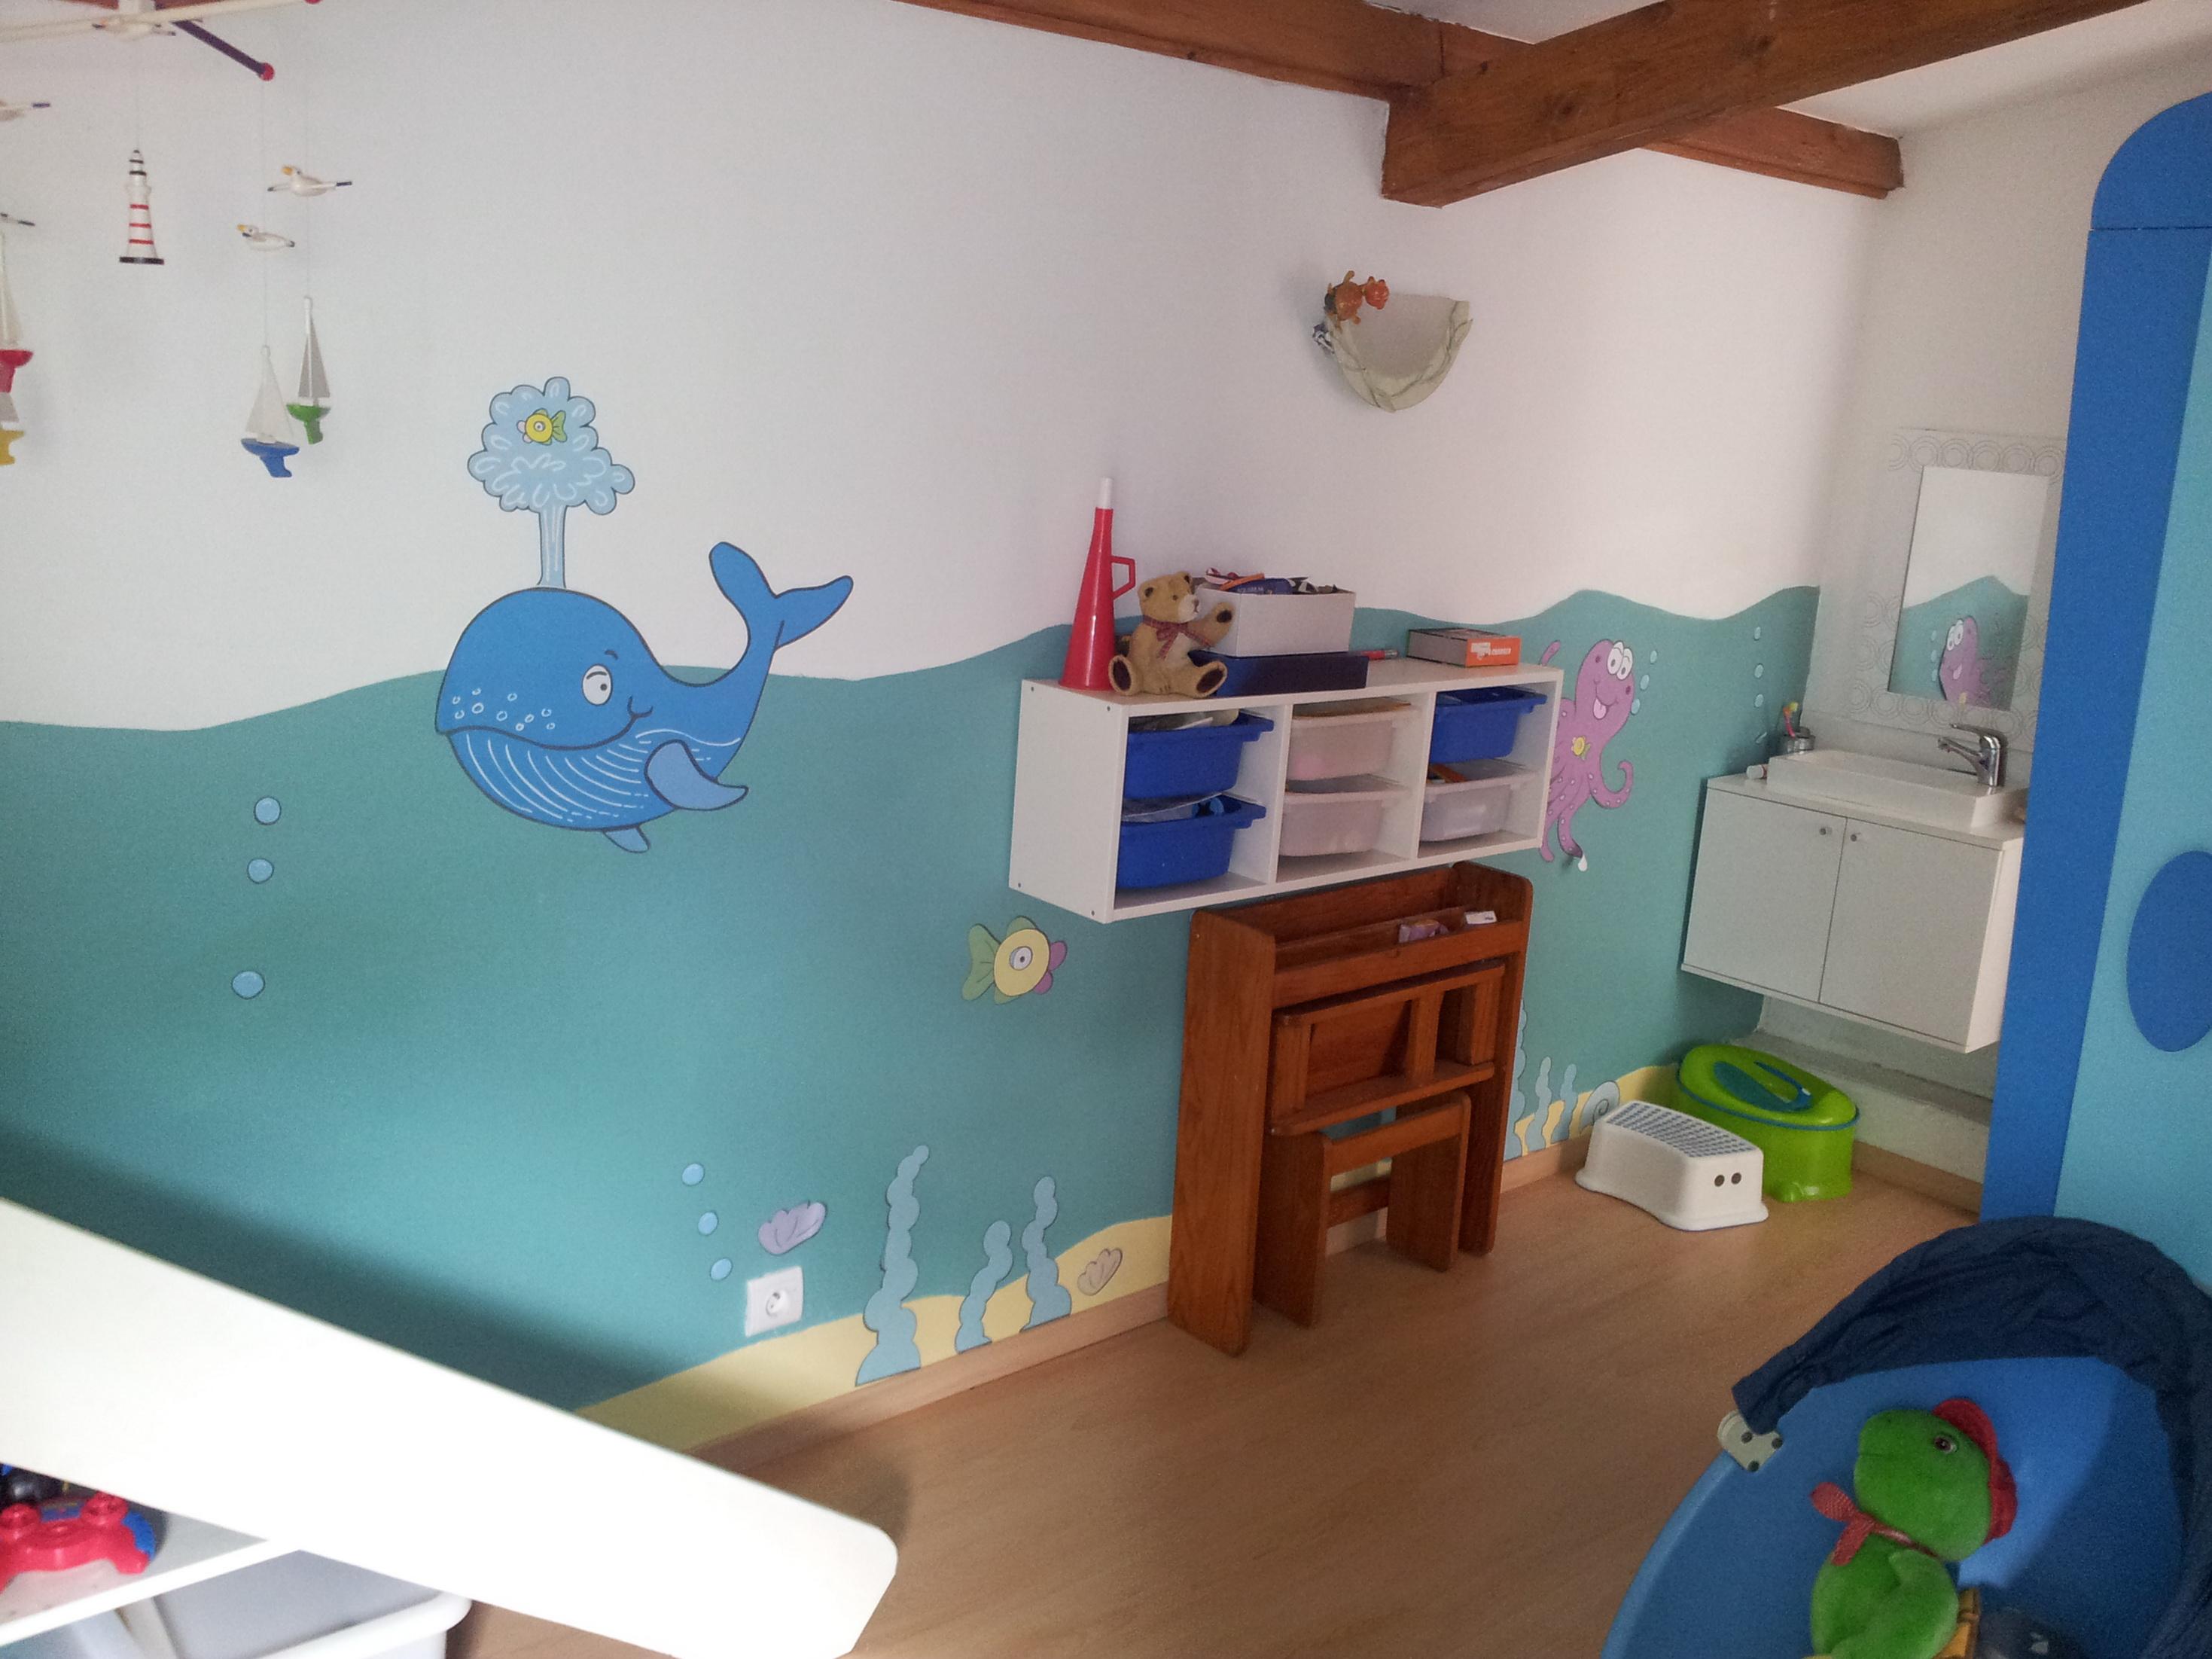 Chambre bebe deco marin - Idées de tricot gratuit